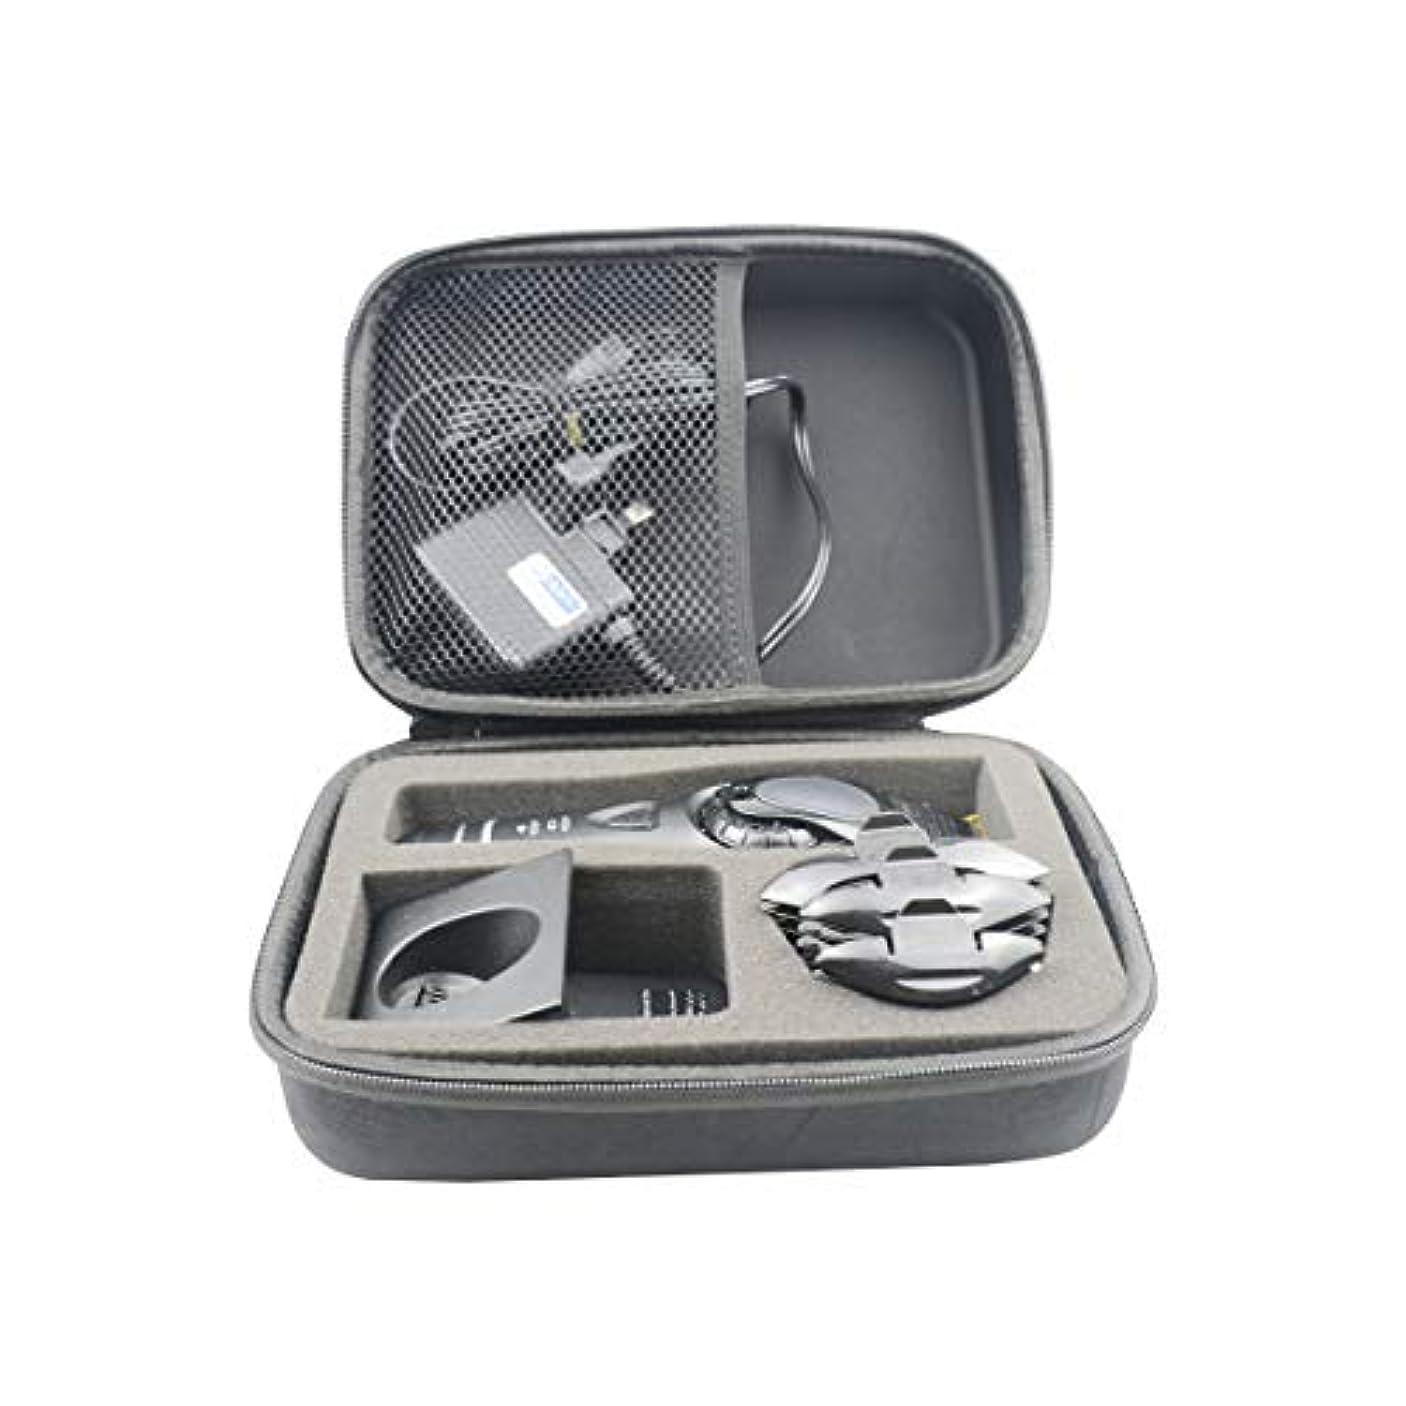 宿泊施設瞑想レイプSANVSENパナソニックER-GP80 Kプロフェッショナルヘアクリッパーハードスーツケース